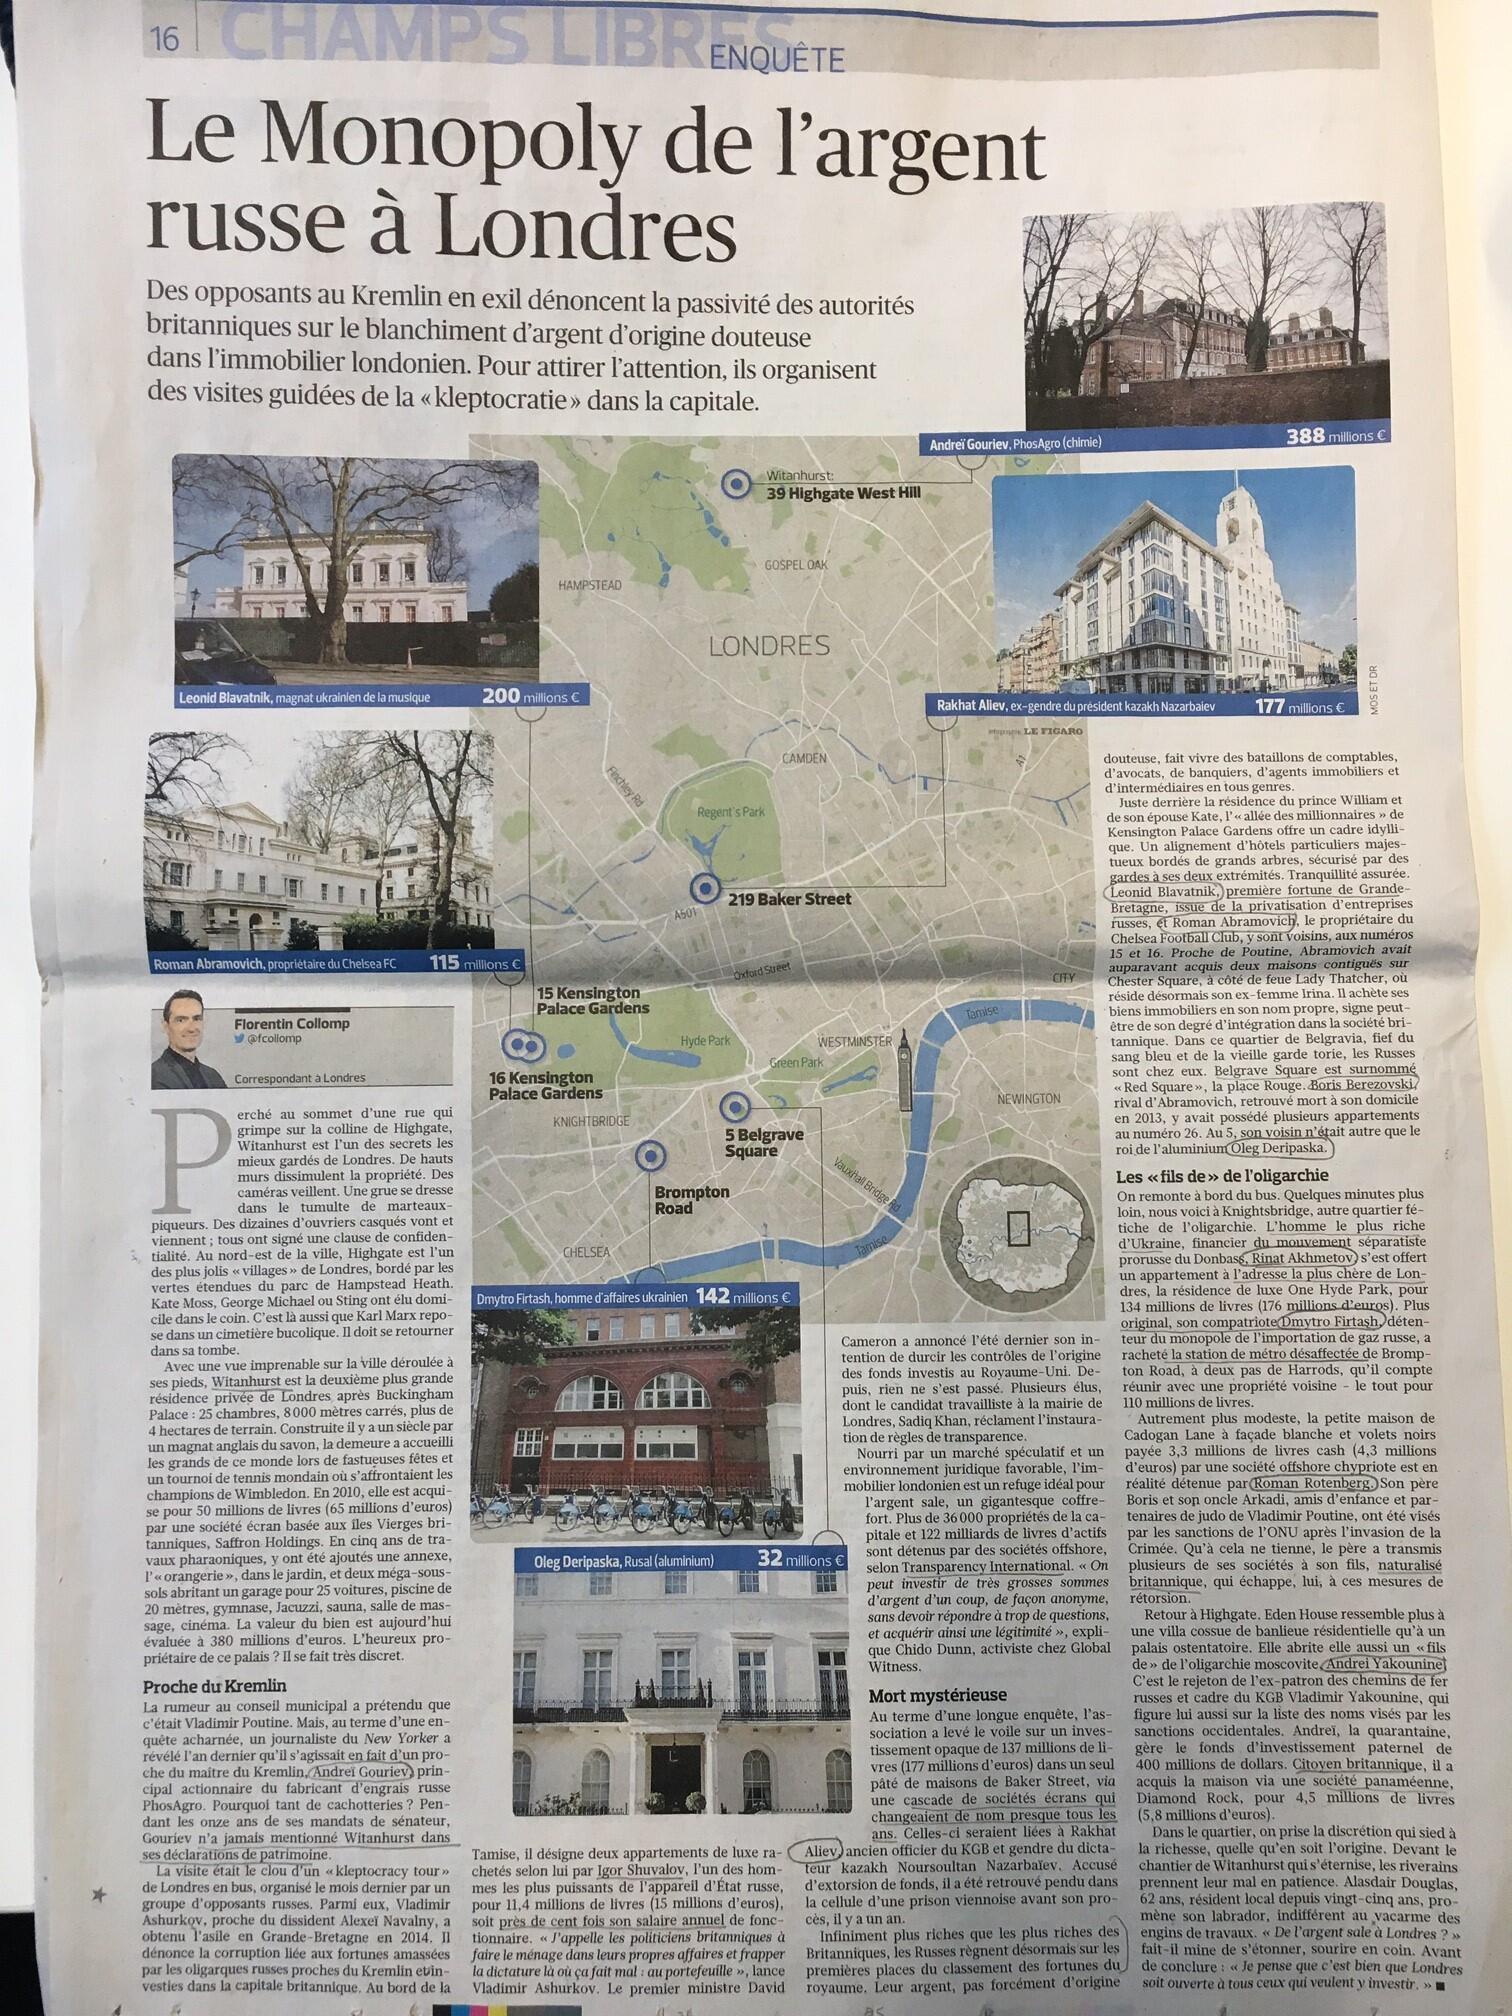 Газета Le Figaro совершила Клепто-тур по Лондону